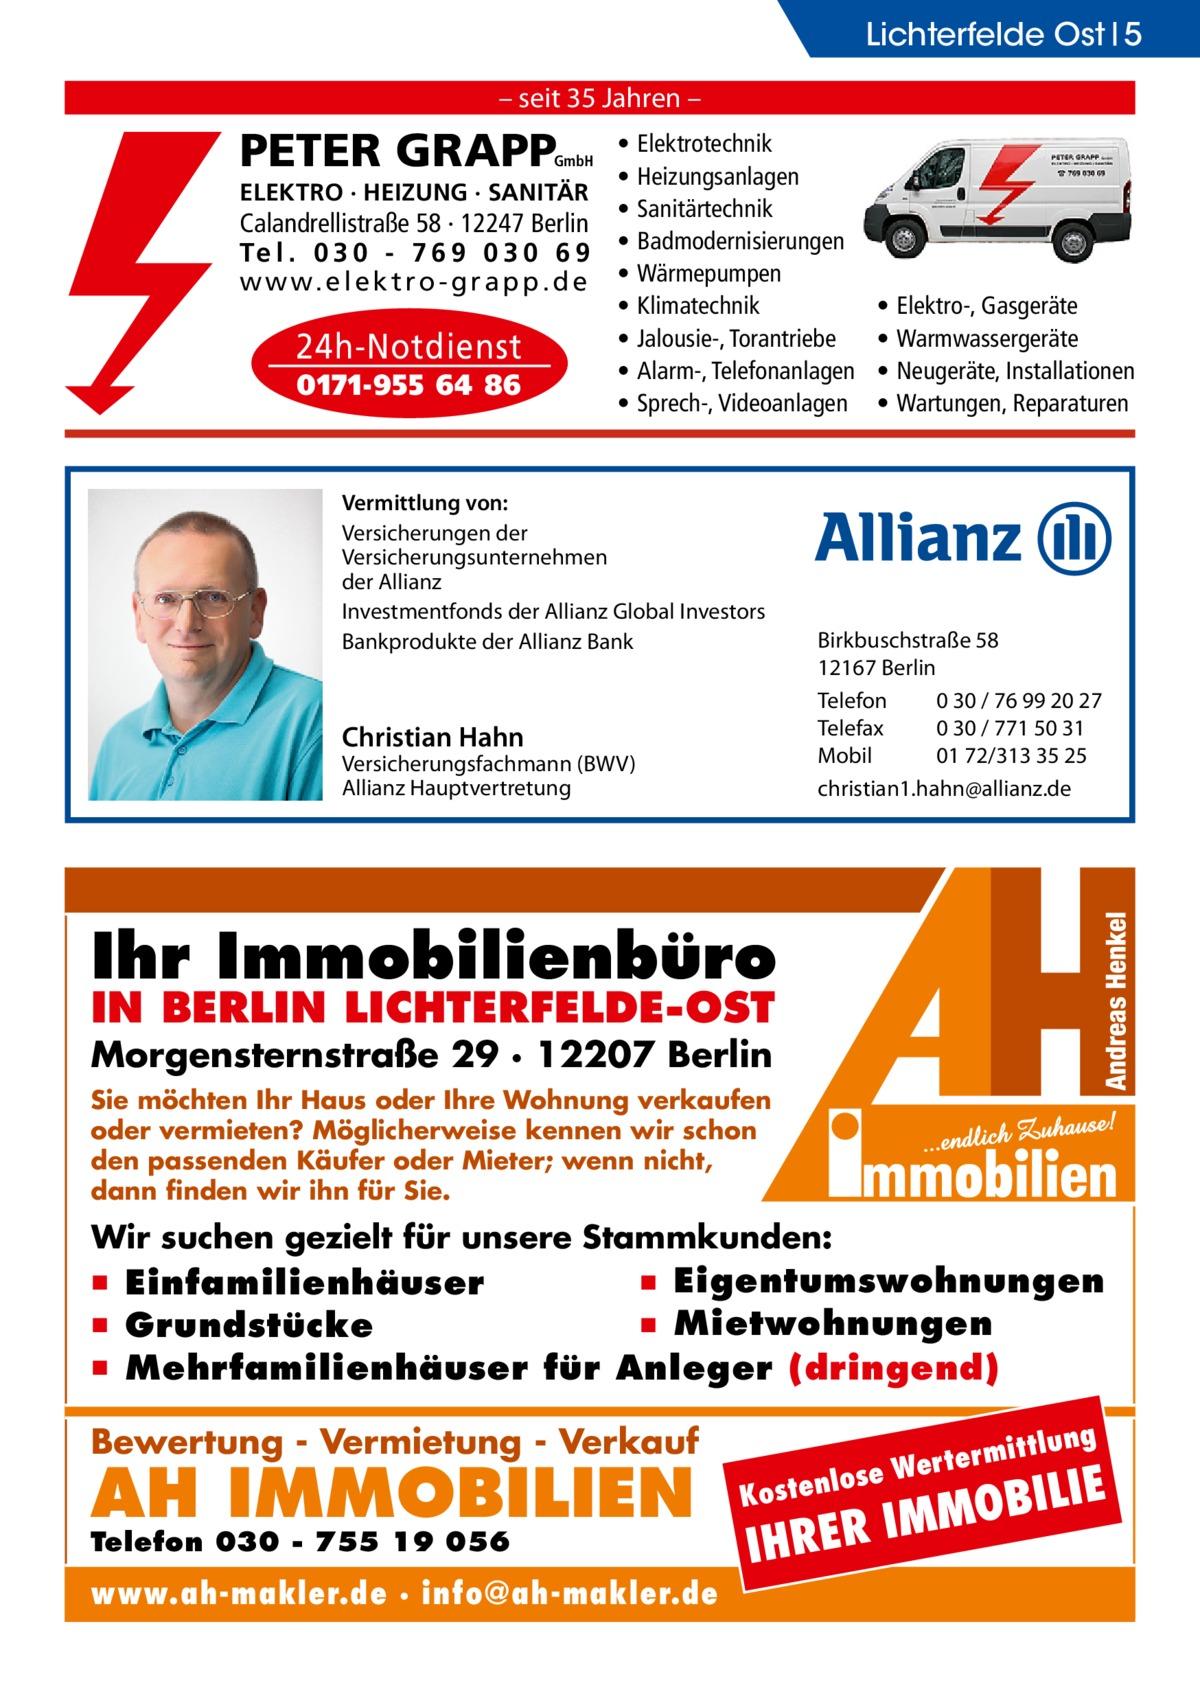 Lichterfelde Ost 5 – seit 35 Jahren –  PETER GRAPP  GmbH  ELEKTRO · HEIZUNG · SANITÄR  Calandrellistraße 58 · 12247 Berlin Te l . 0 3 0 - 7 6 9 0 3 0 6 9 w w w. e l e k t r o - g r a p p . d e  24h-Notdienst 0171-955 64 86  • • • • • • • • •  Elektrotechnik Heizungsanlagen Sanitärtechnik Badmodernisierungen Wärmepumpen Klimatechnik Jalousie-, Torantriebe Alarm-, Telefonanlagen Sprech-, Videoanlagen  Vermittlung von: Versicherungen der Versicherungsunternehmen der Allianz Investmentfonds der Allianz Global Investors Bankprodukte der Allianz Bank  • • • •  Elektro-, Gasgeräte Warmwassergeräte Neugeräte, Installationen Wartungen, Reparaturen  Christian Hahn  Birkbuschstraße 58 12167 Berlin Telefon 0 30 / 76 99 20 27 Telefax 0 30 / 771 50 31 Mobil 01 72/313 35 25 christian1.hahn@allianz.de  Versicherungsfachmann (BWV) Allianz Hauptvertretung  Ihr Immobilienbüro IN BERLIN LICHTERFELDE-OST  Morgensternstraße 29 · 12207 Berlin Sie möchten Ihr Haus oder Ihre Wohnung verkaufen oder vermieten? Möglicherweise kennen wir schon den passenden Käufer oder Mieter; wenn nicht, dann finden wir ihn für Sie.  Wir suchen gezielt für unsere Stammkunden:  ▪ Eigentumswohnungen ▪ Einfamilienhäuser ▪ Mietwohnungen ▪ Grundstücke ▪ Mehrfamilienhäuser für Anleger (dringend) ittlung  Bewertung - Vermietung - Verkauf  AH IMMOBILIEN  Telefon 030 - 755 19 056  www.ah-makler.de · info@ah-makler.de  erm e Wert tenlos  ILIE  MMOB I R E R H  Kos  I